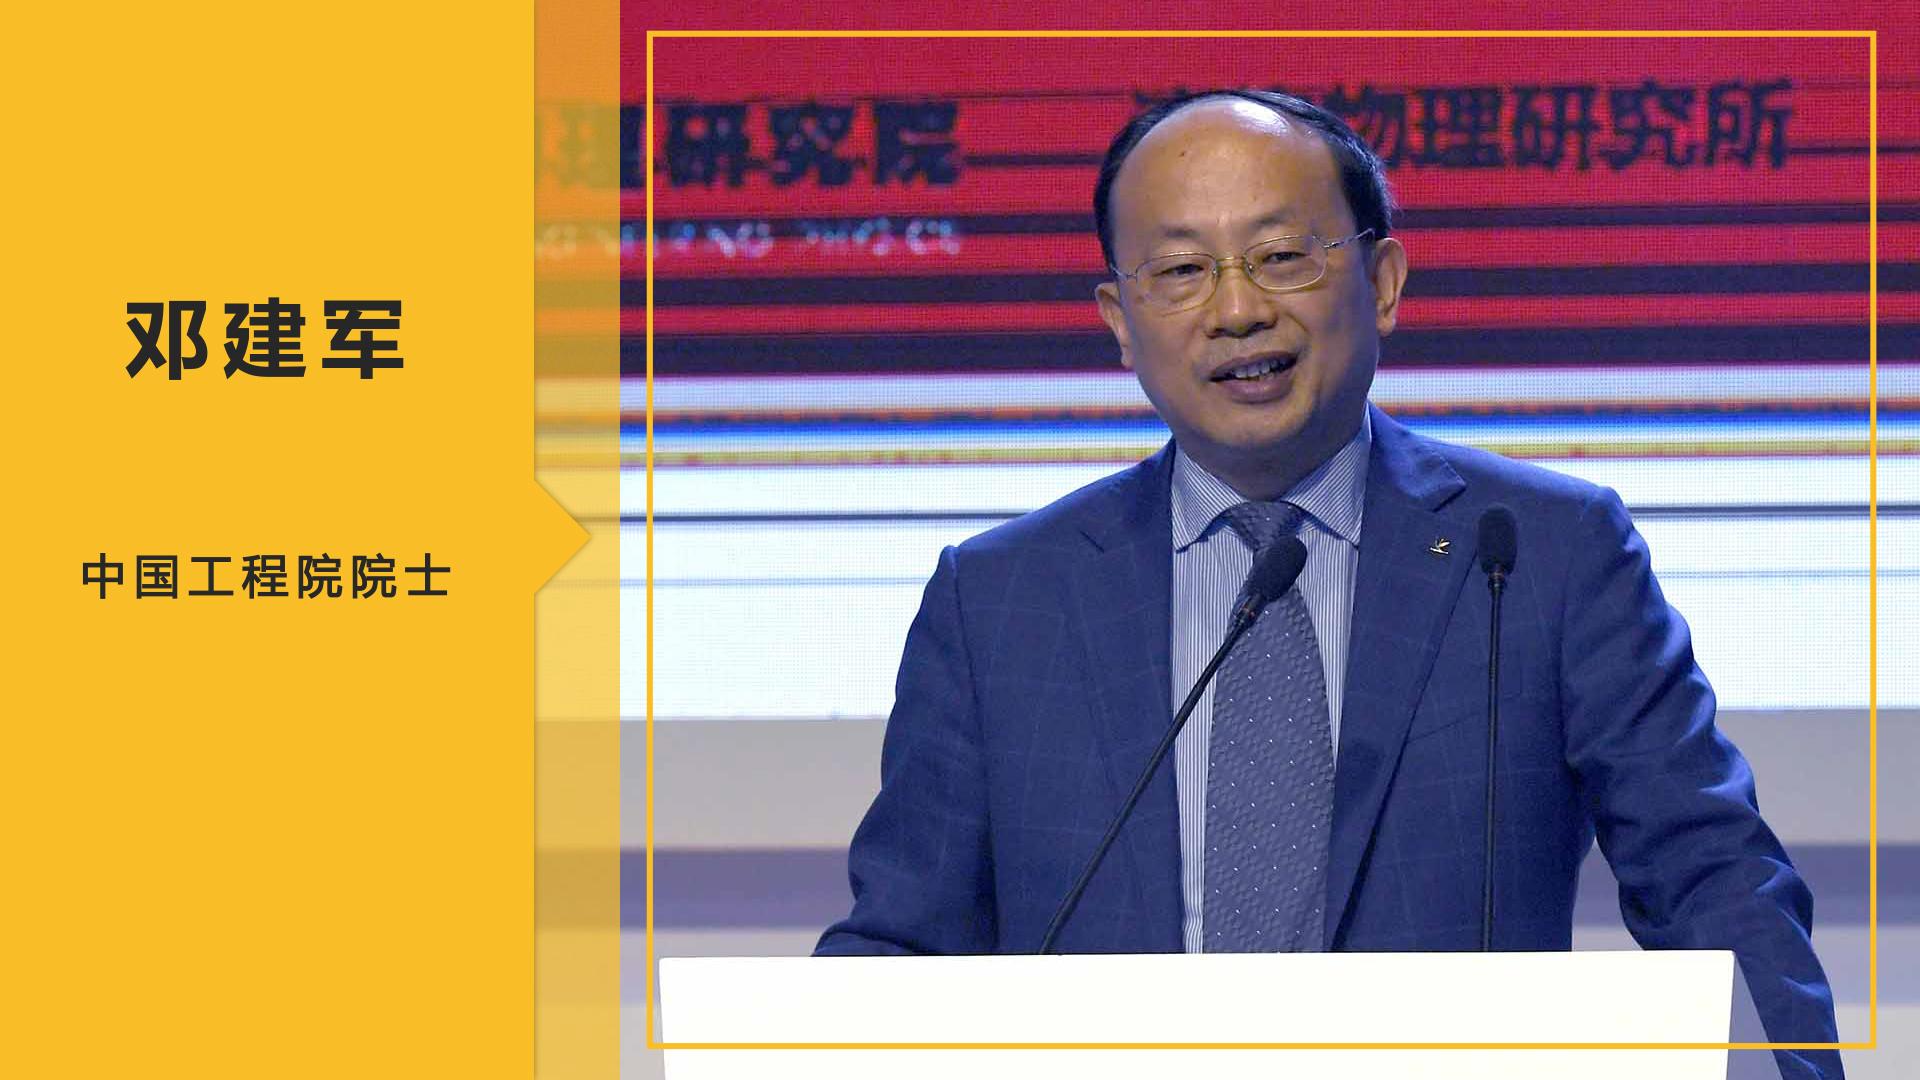 邓建军:自主创新是建设科技强国的必由之路